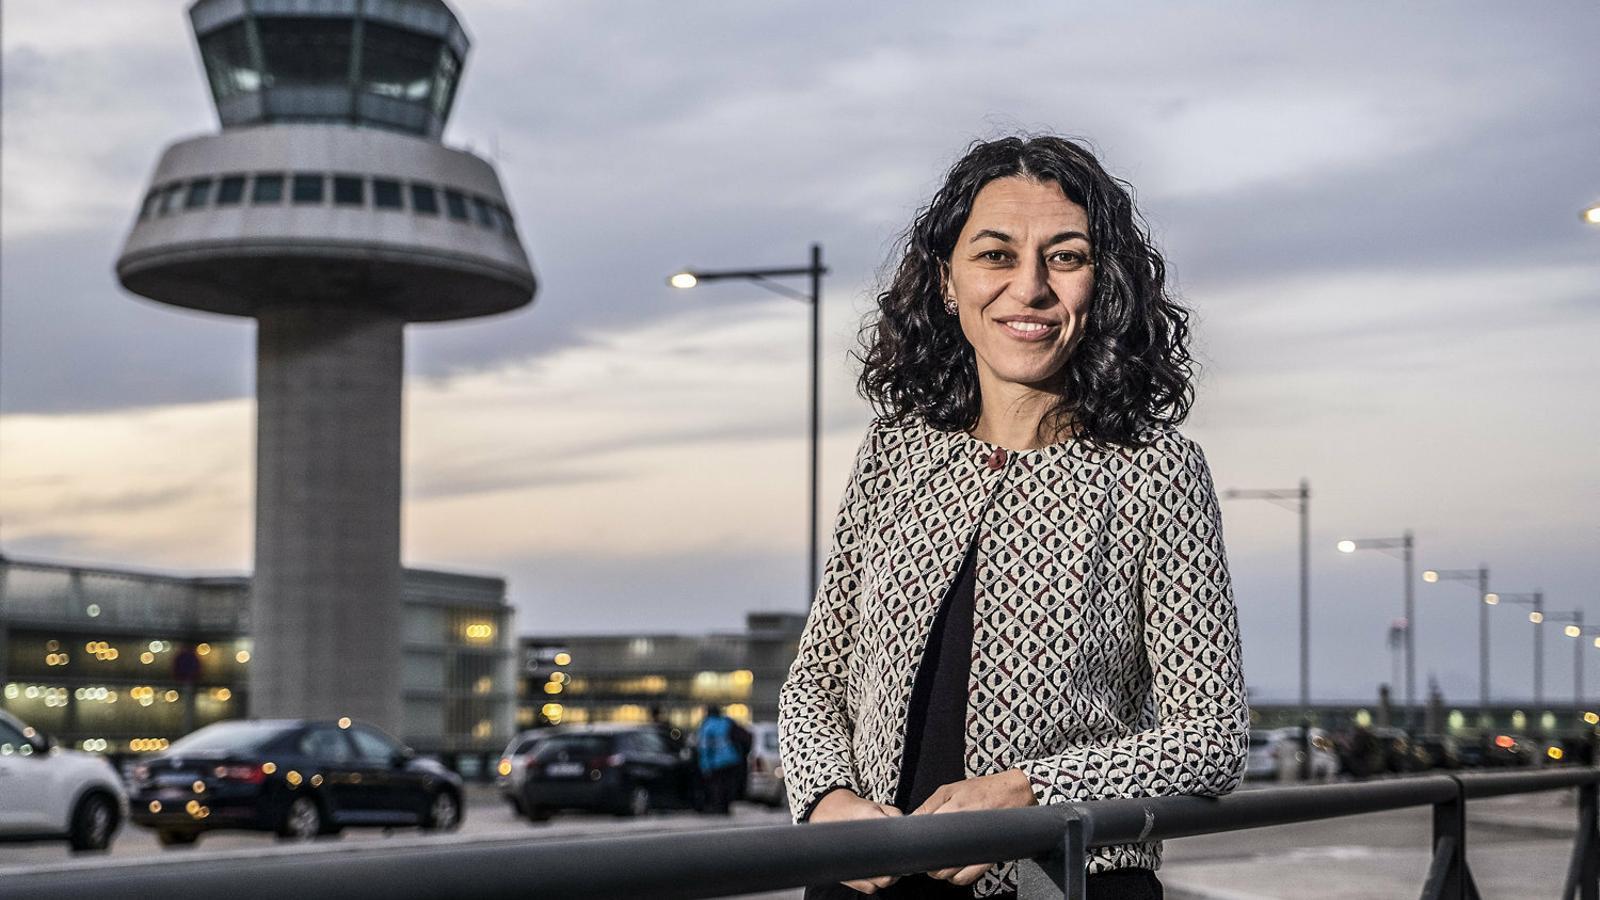 """Entrevista a la directora de l'aeroport: """"L'única manera de consolidar el Prat com a 'hub' és que tingui més capacitat"""""""